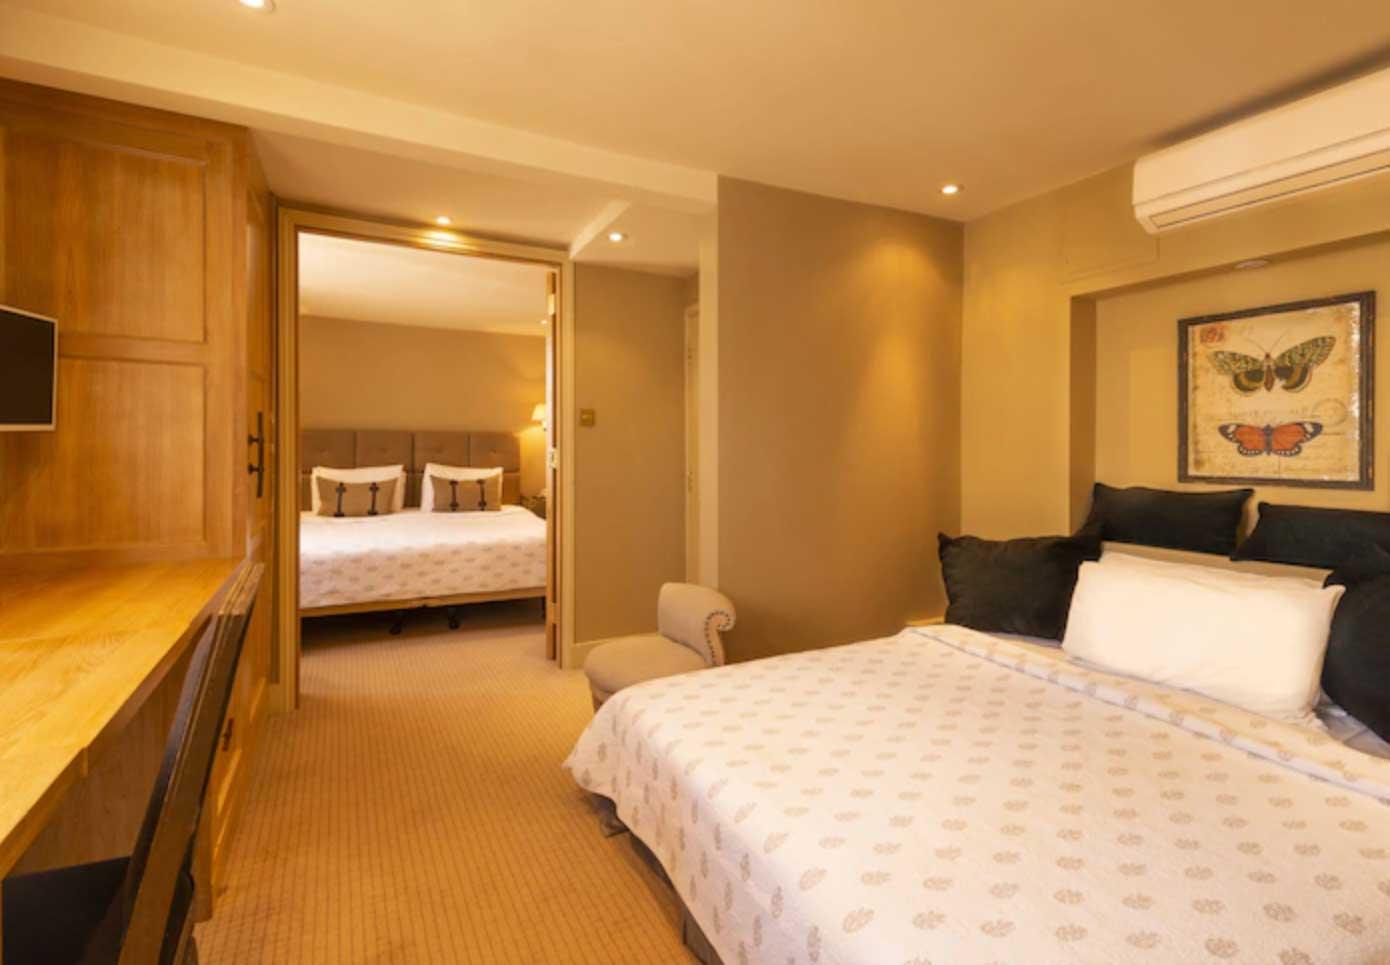 camera hotel con due camere comunicanti